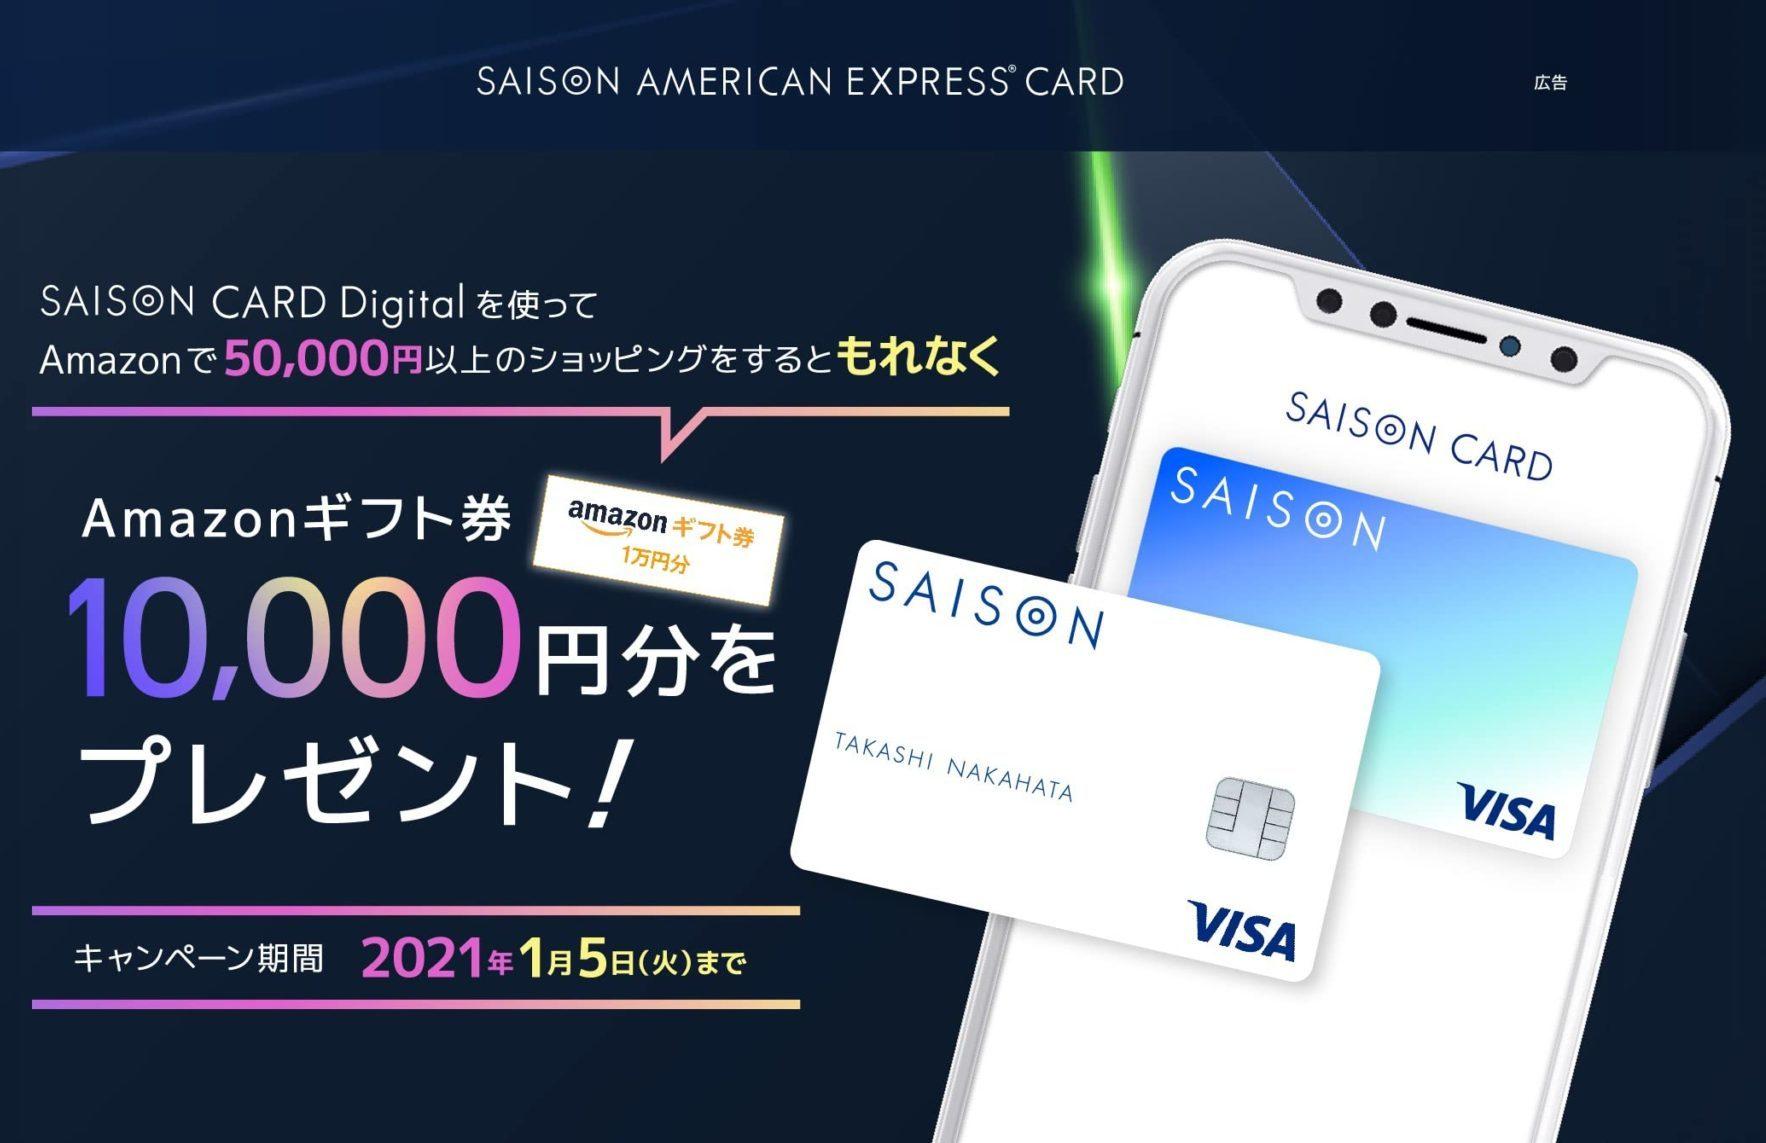 セゾンパールアメックスカードデジタルでアマゾンで5万円以上買うとアマゾンギフト券1万円分がもれなく貰えて還元率20%。~6/30。